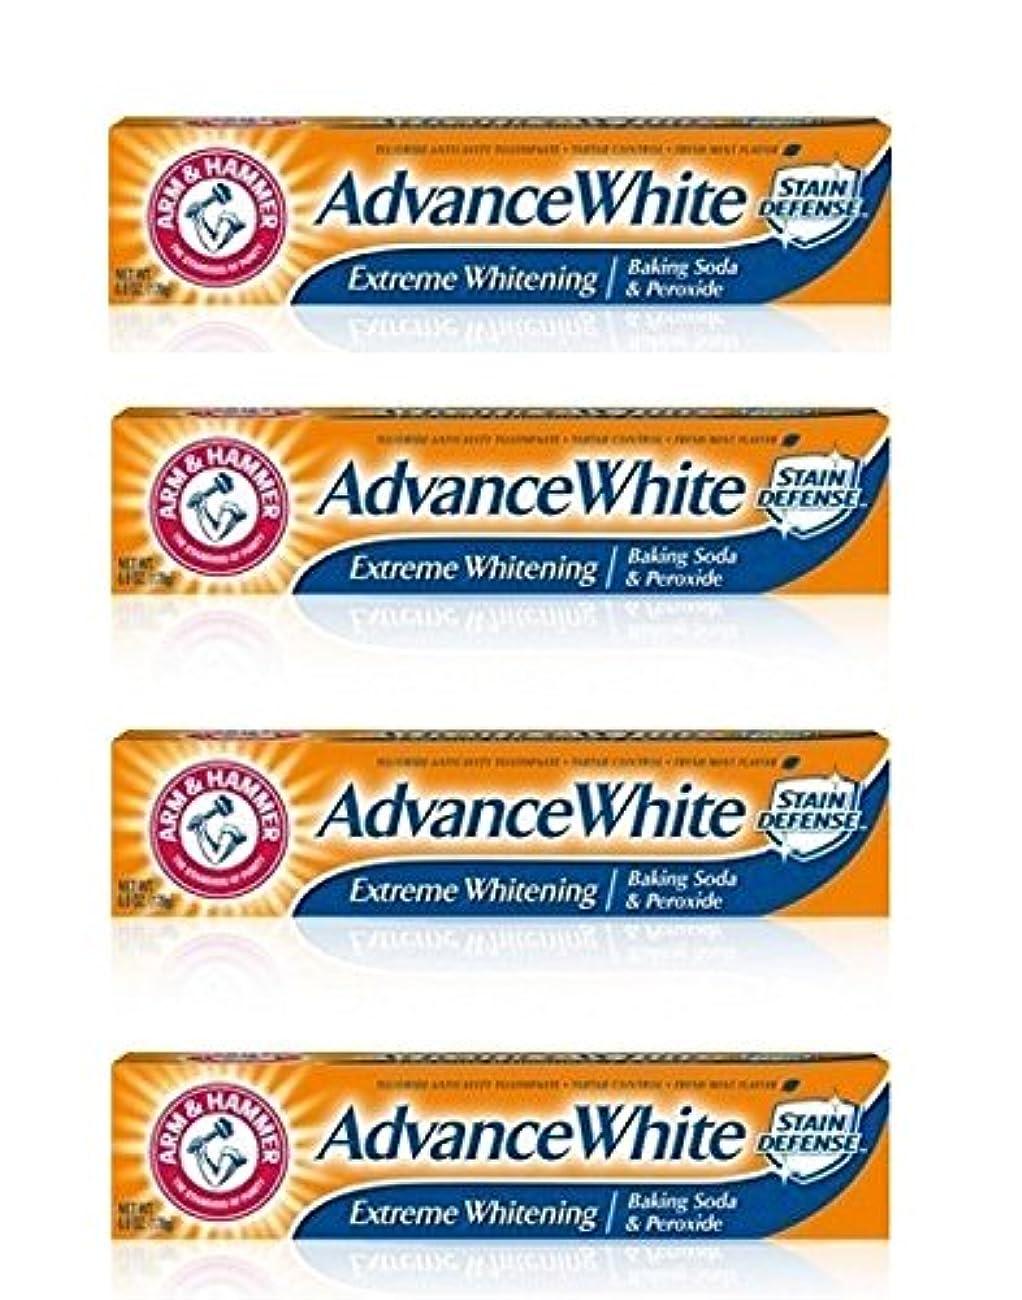 後ろ、背後、背面(部証明書実質的Arm and Hammer Advance Whitening Toothpaste .9 Oz Travel Size 4 Pk. by KT Travel